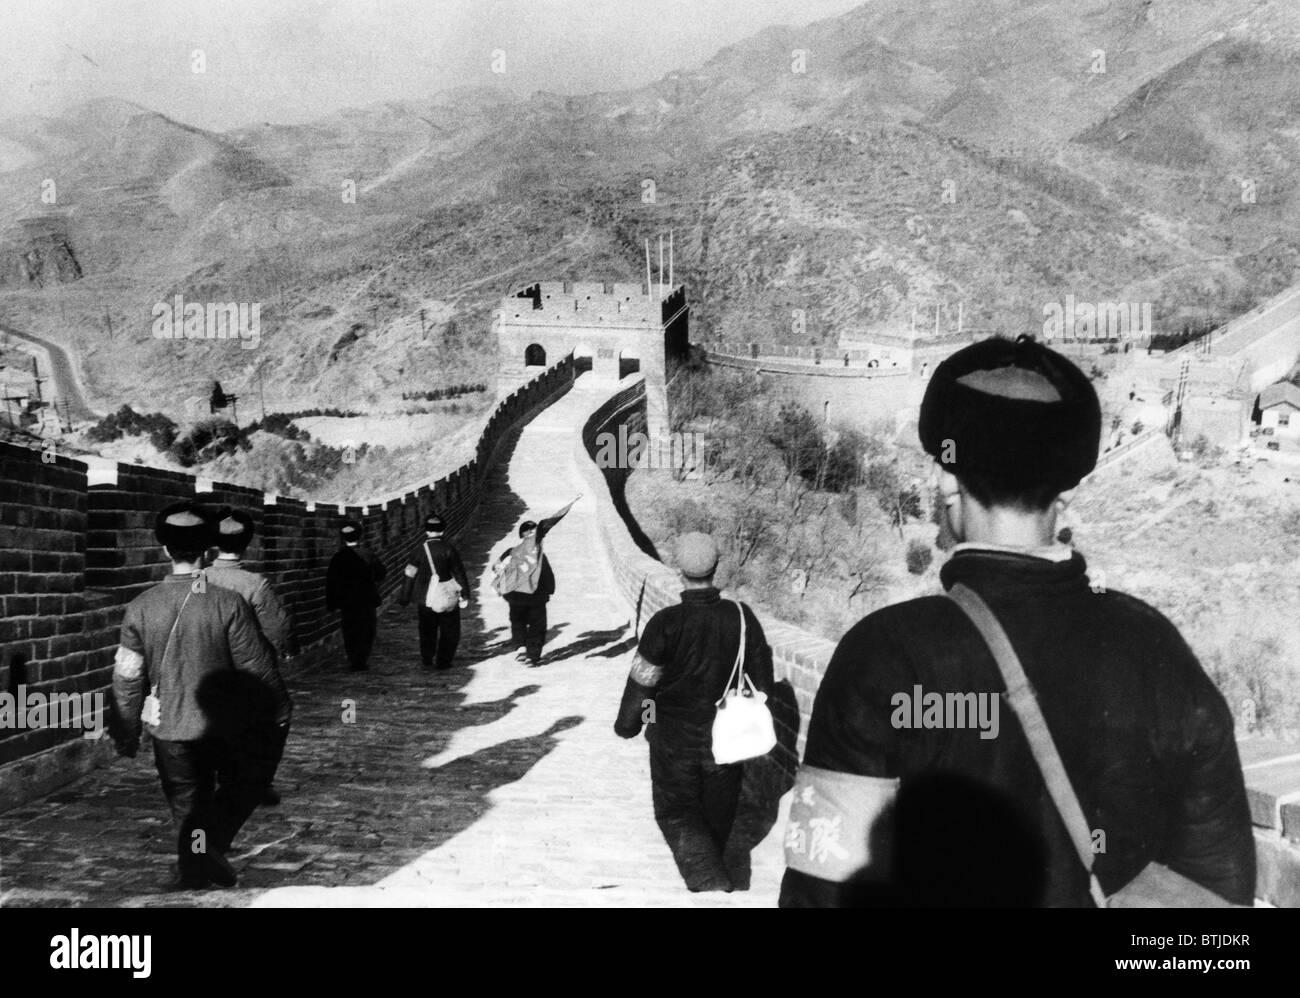 Membres de Mao Tse-tung's Garde rouge pause à la Grande Muraille sur leur chemin à Pékin en provenance des régionsBanque D'Images